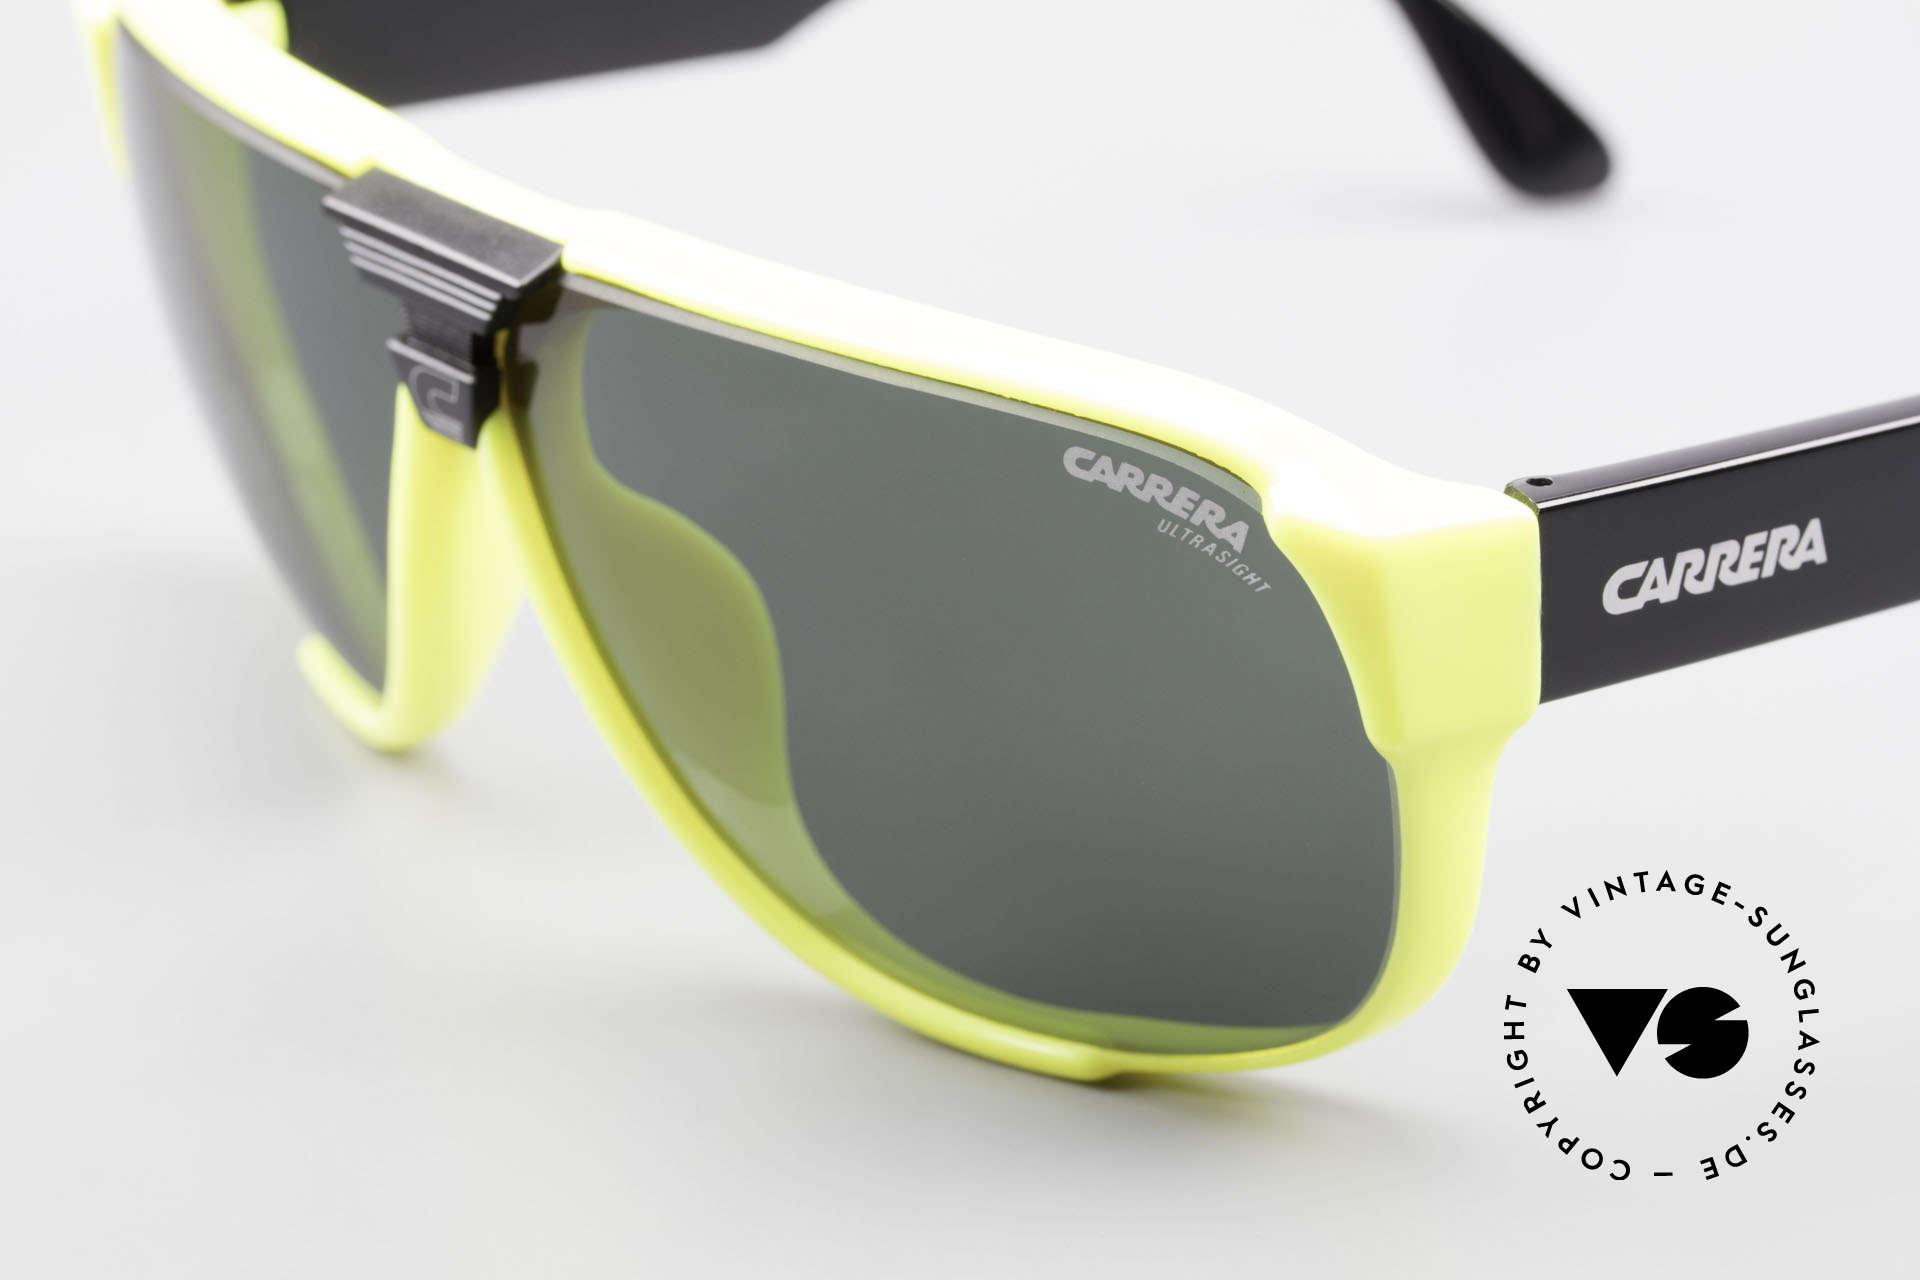 Carrera 5431 80er Sportsonnenbrille Alpin, eine Symbiose aus Sport und modischem Lifestyle!, Passend für Herren